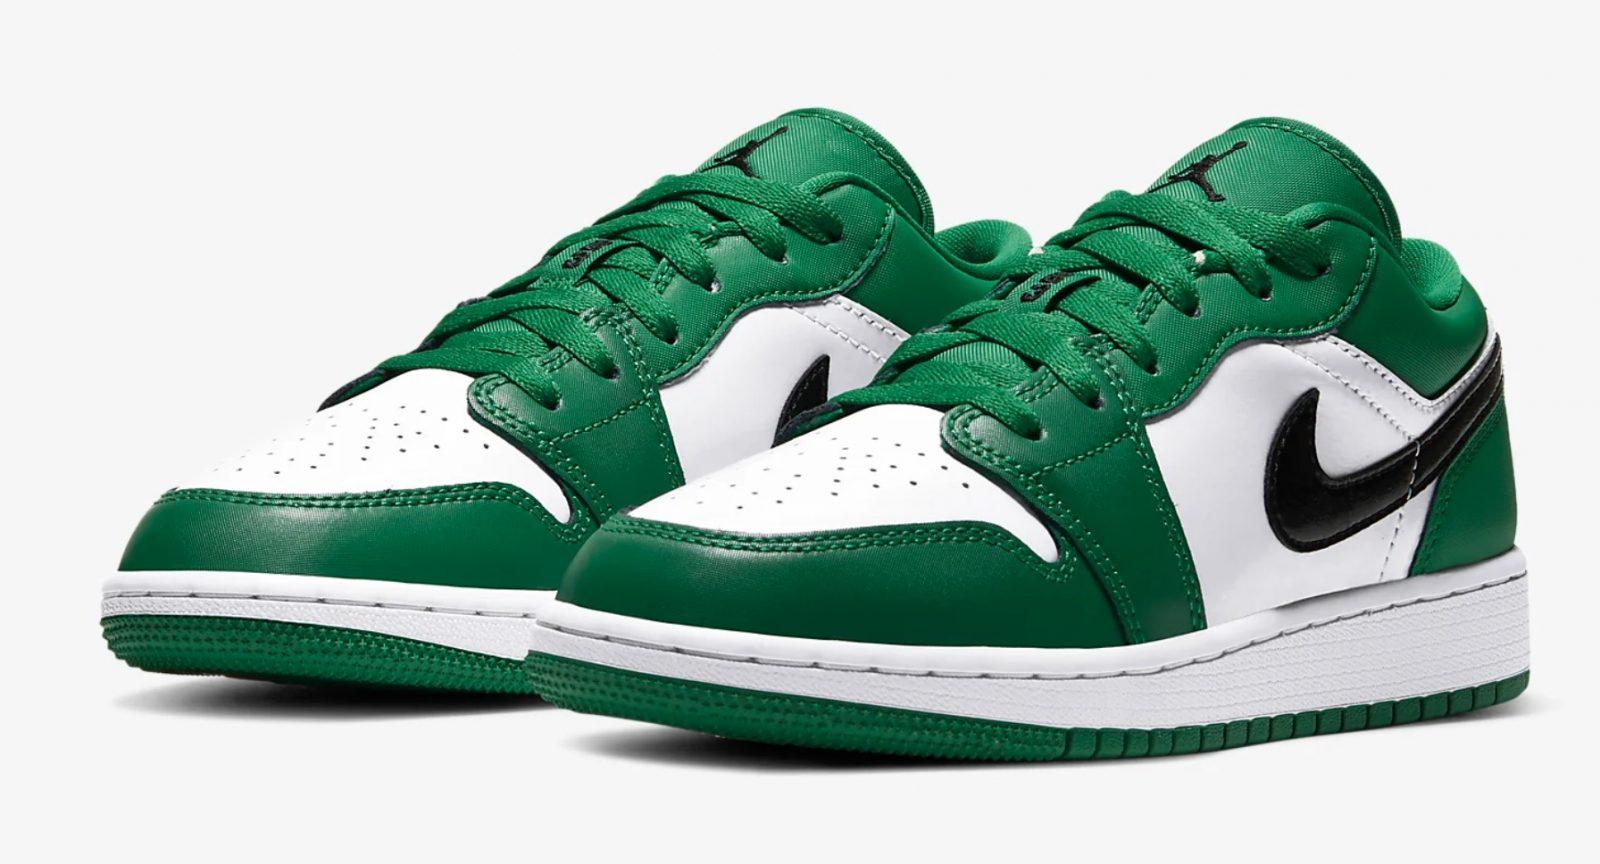 Air Jordan 1 Low Pine Green 553560-301